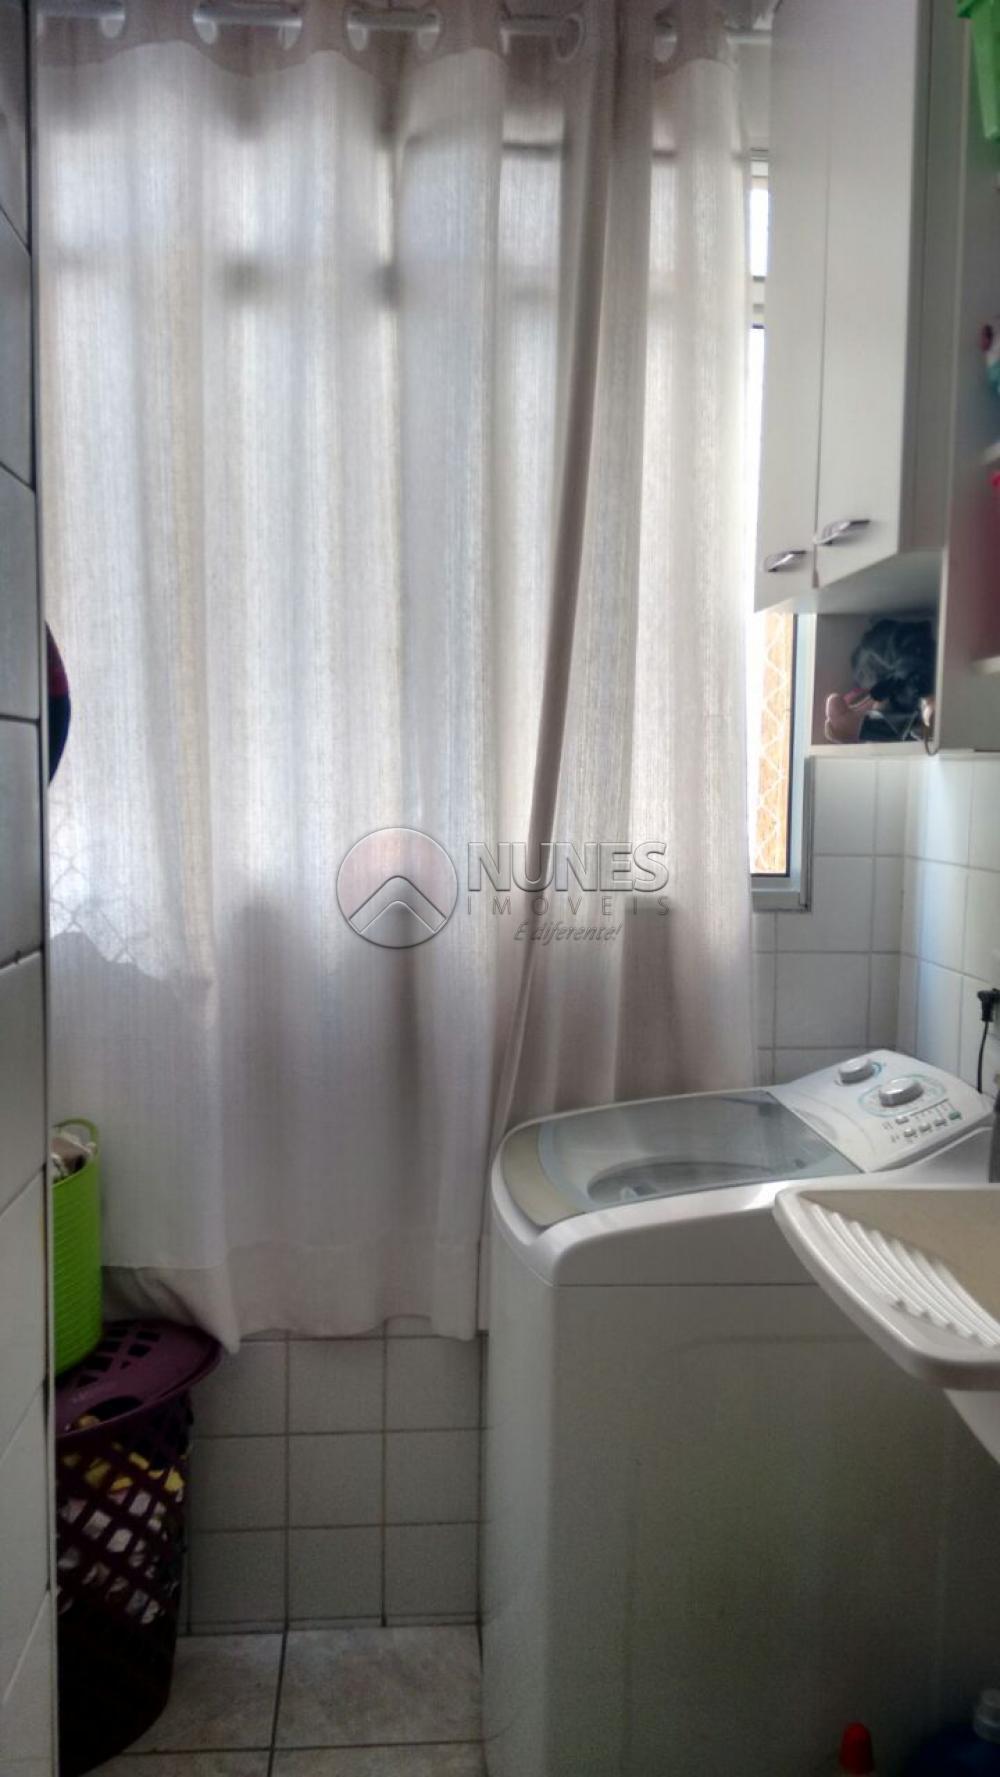 Comprar Apartamento / Padrão em Osasco apenas R$ 220.000,00 - Foto 12